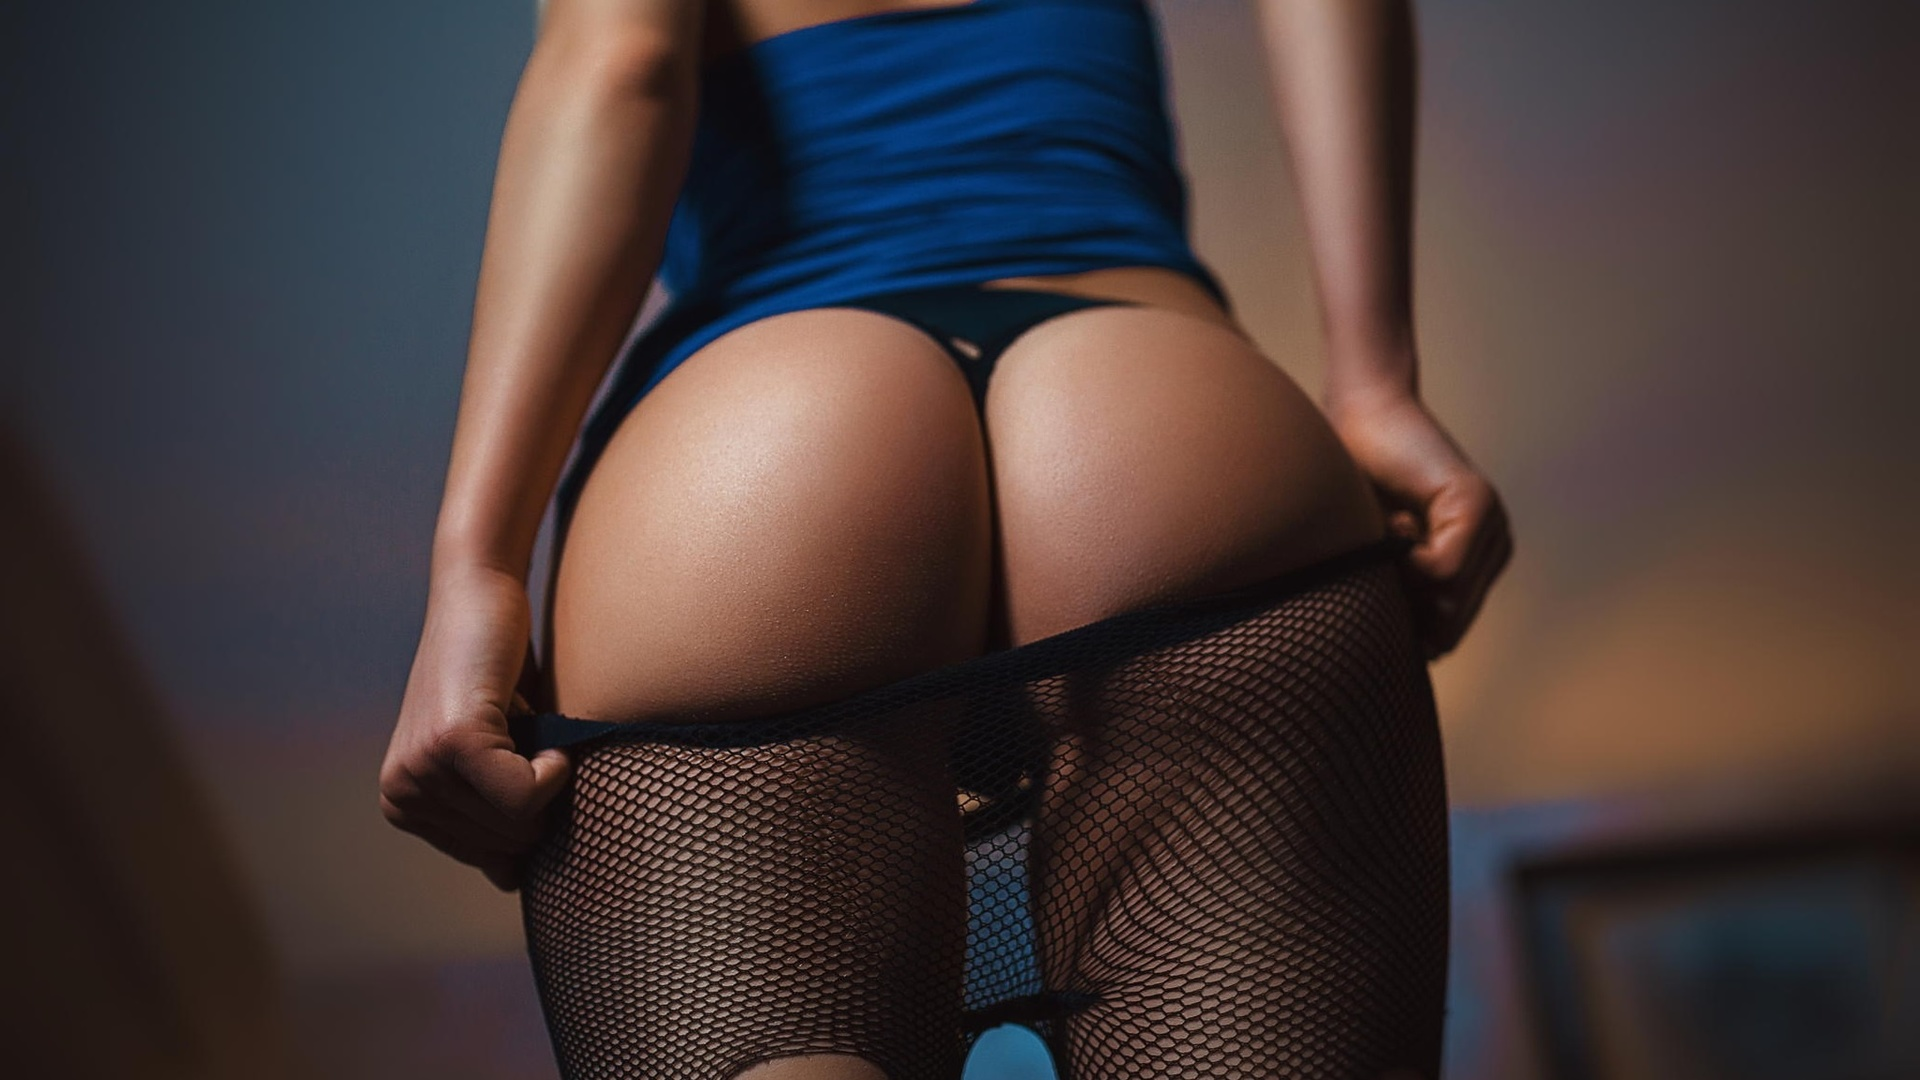 эротические попки фото голерея